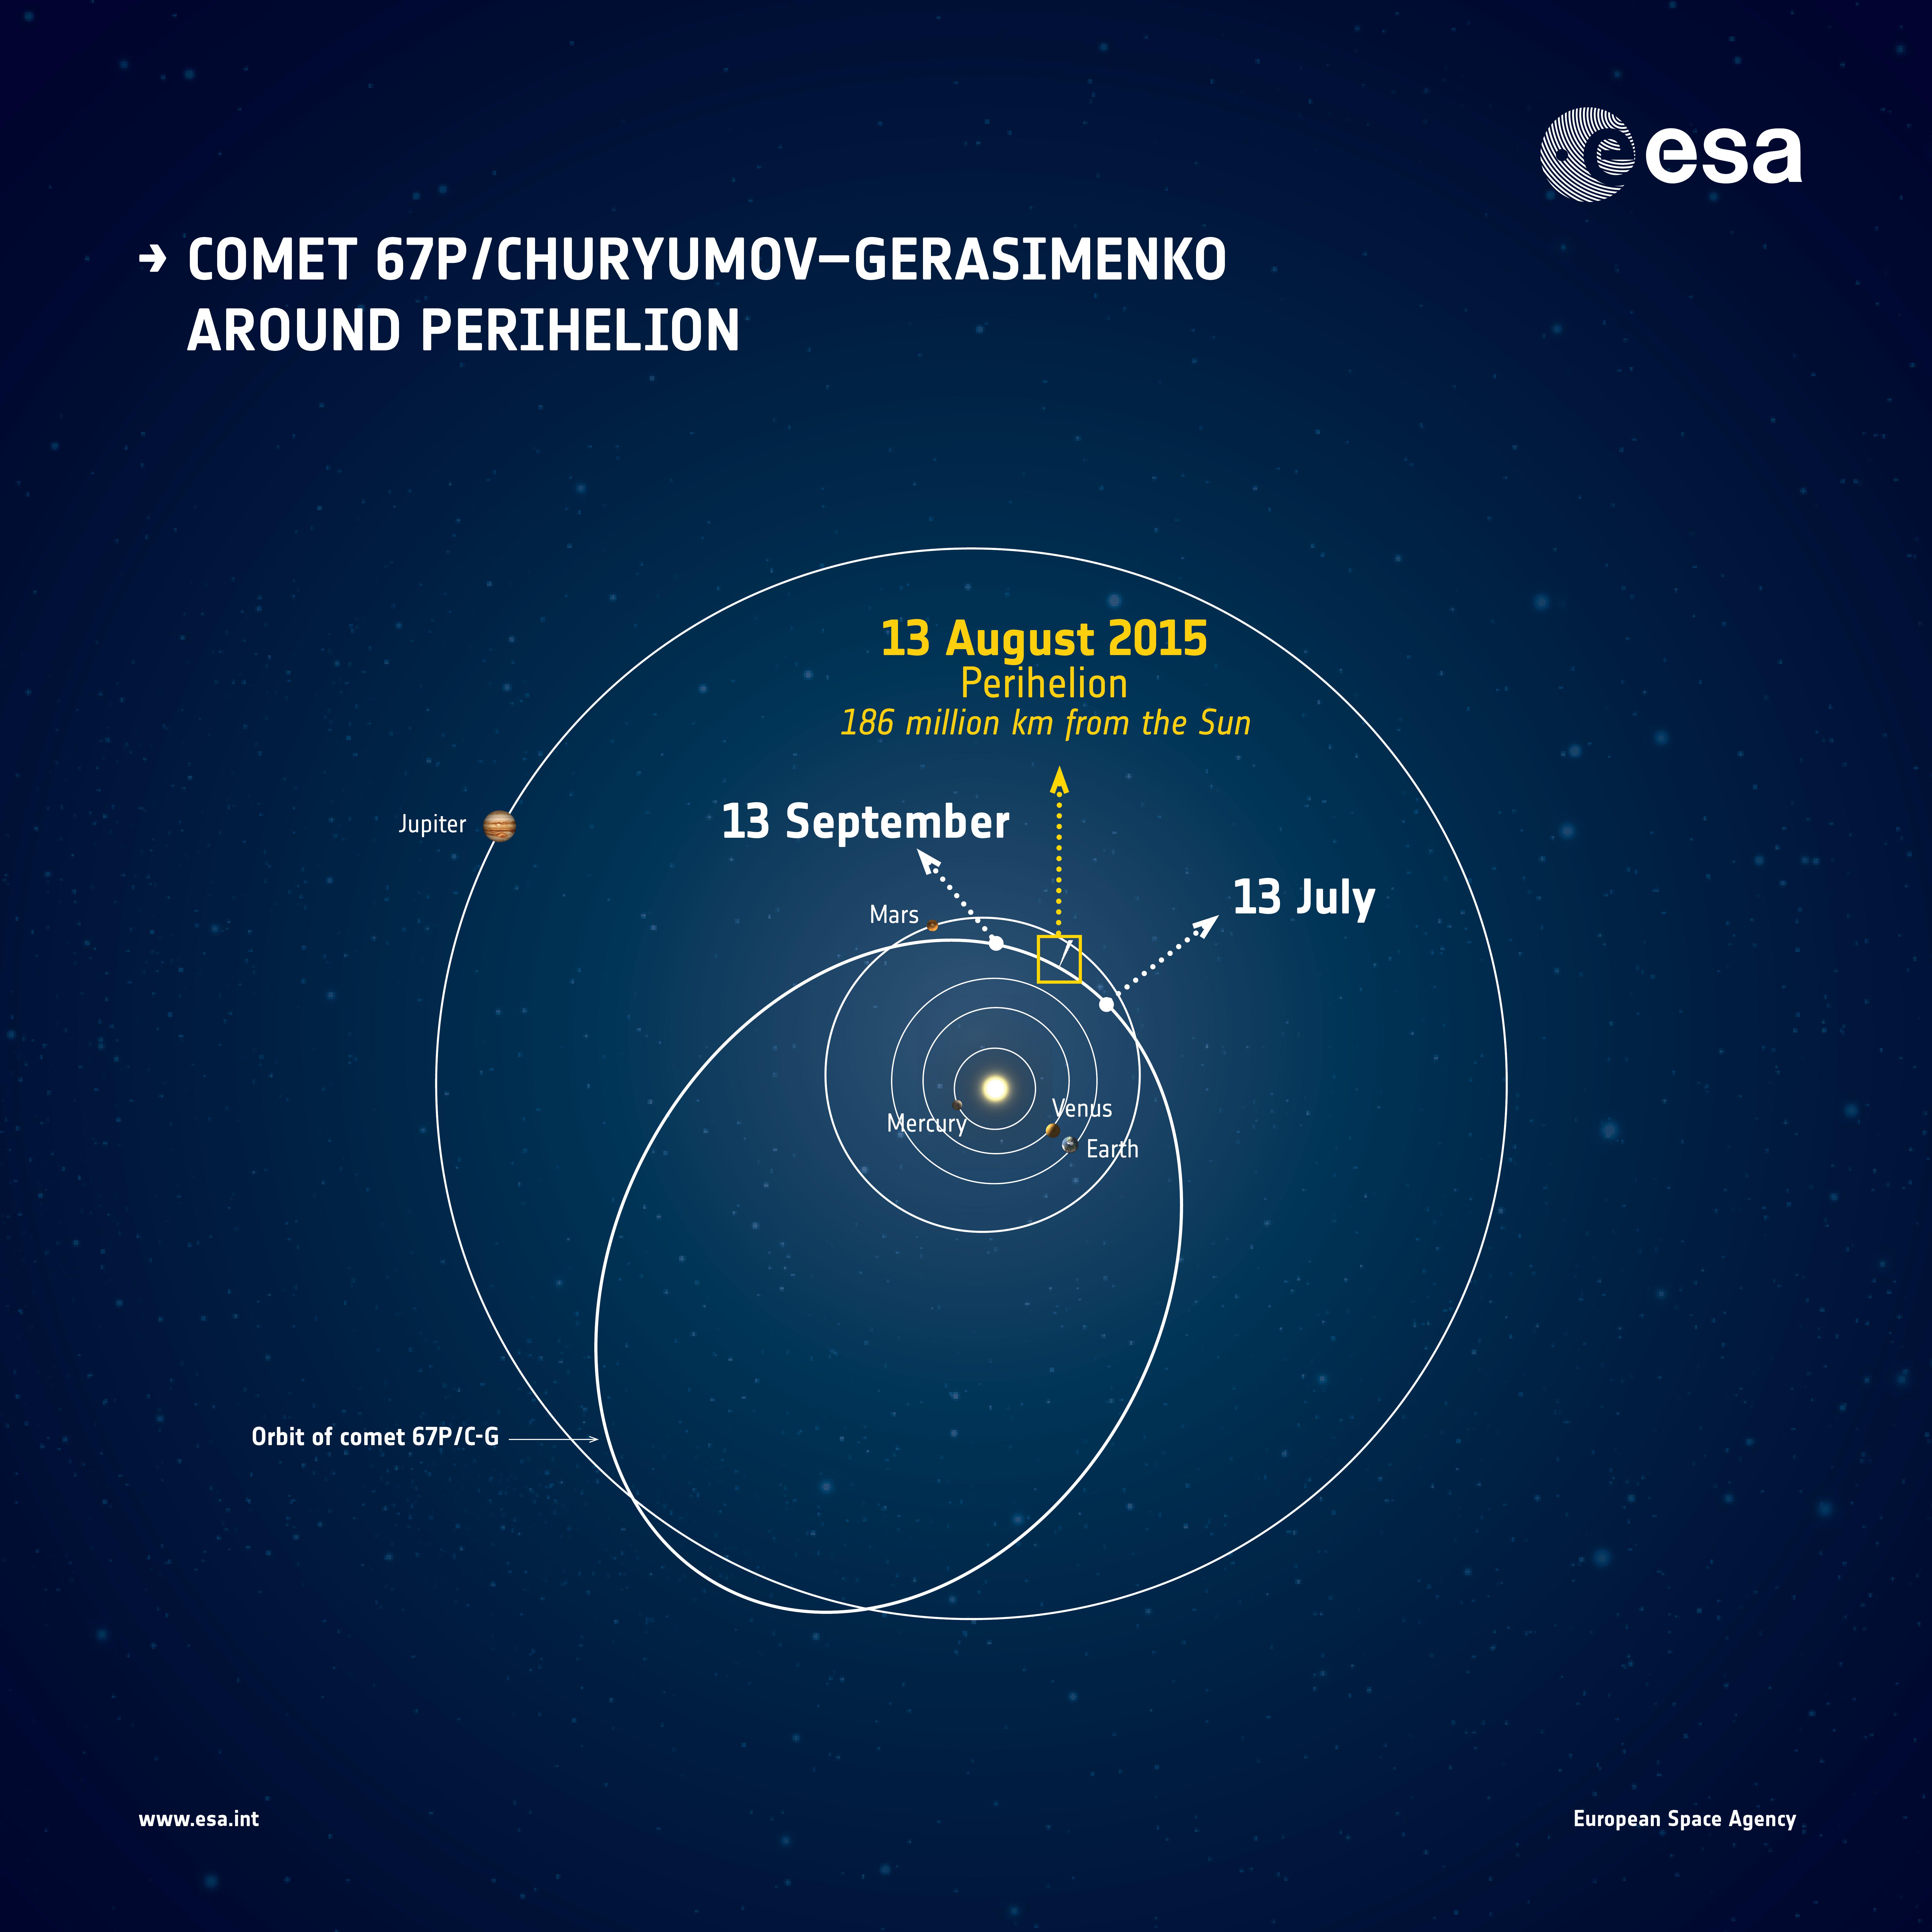 1567216143160-Rosetta_Comet_67P_around_perihelion_illustration.jpg